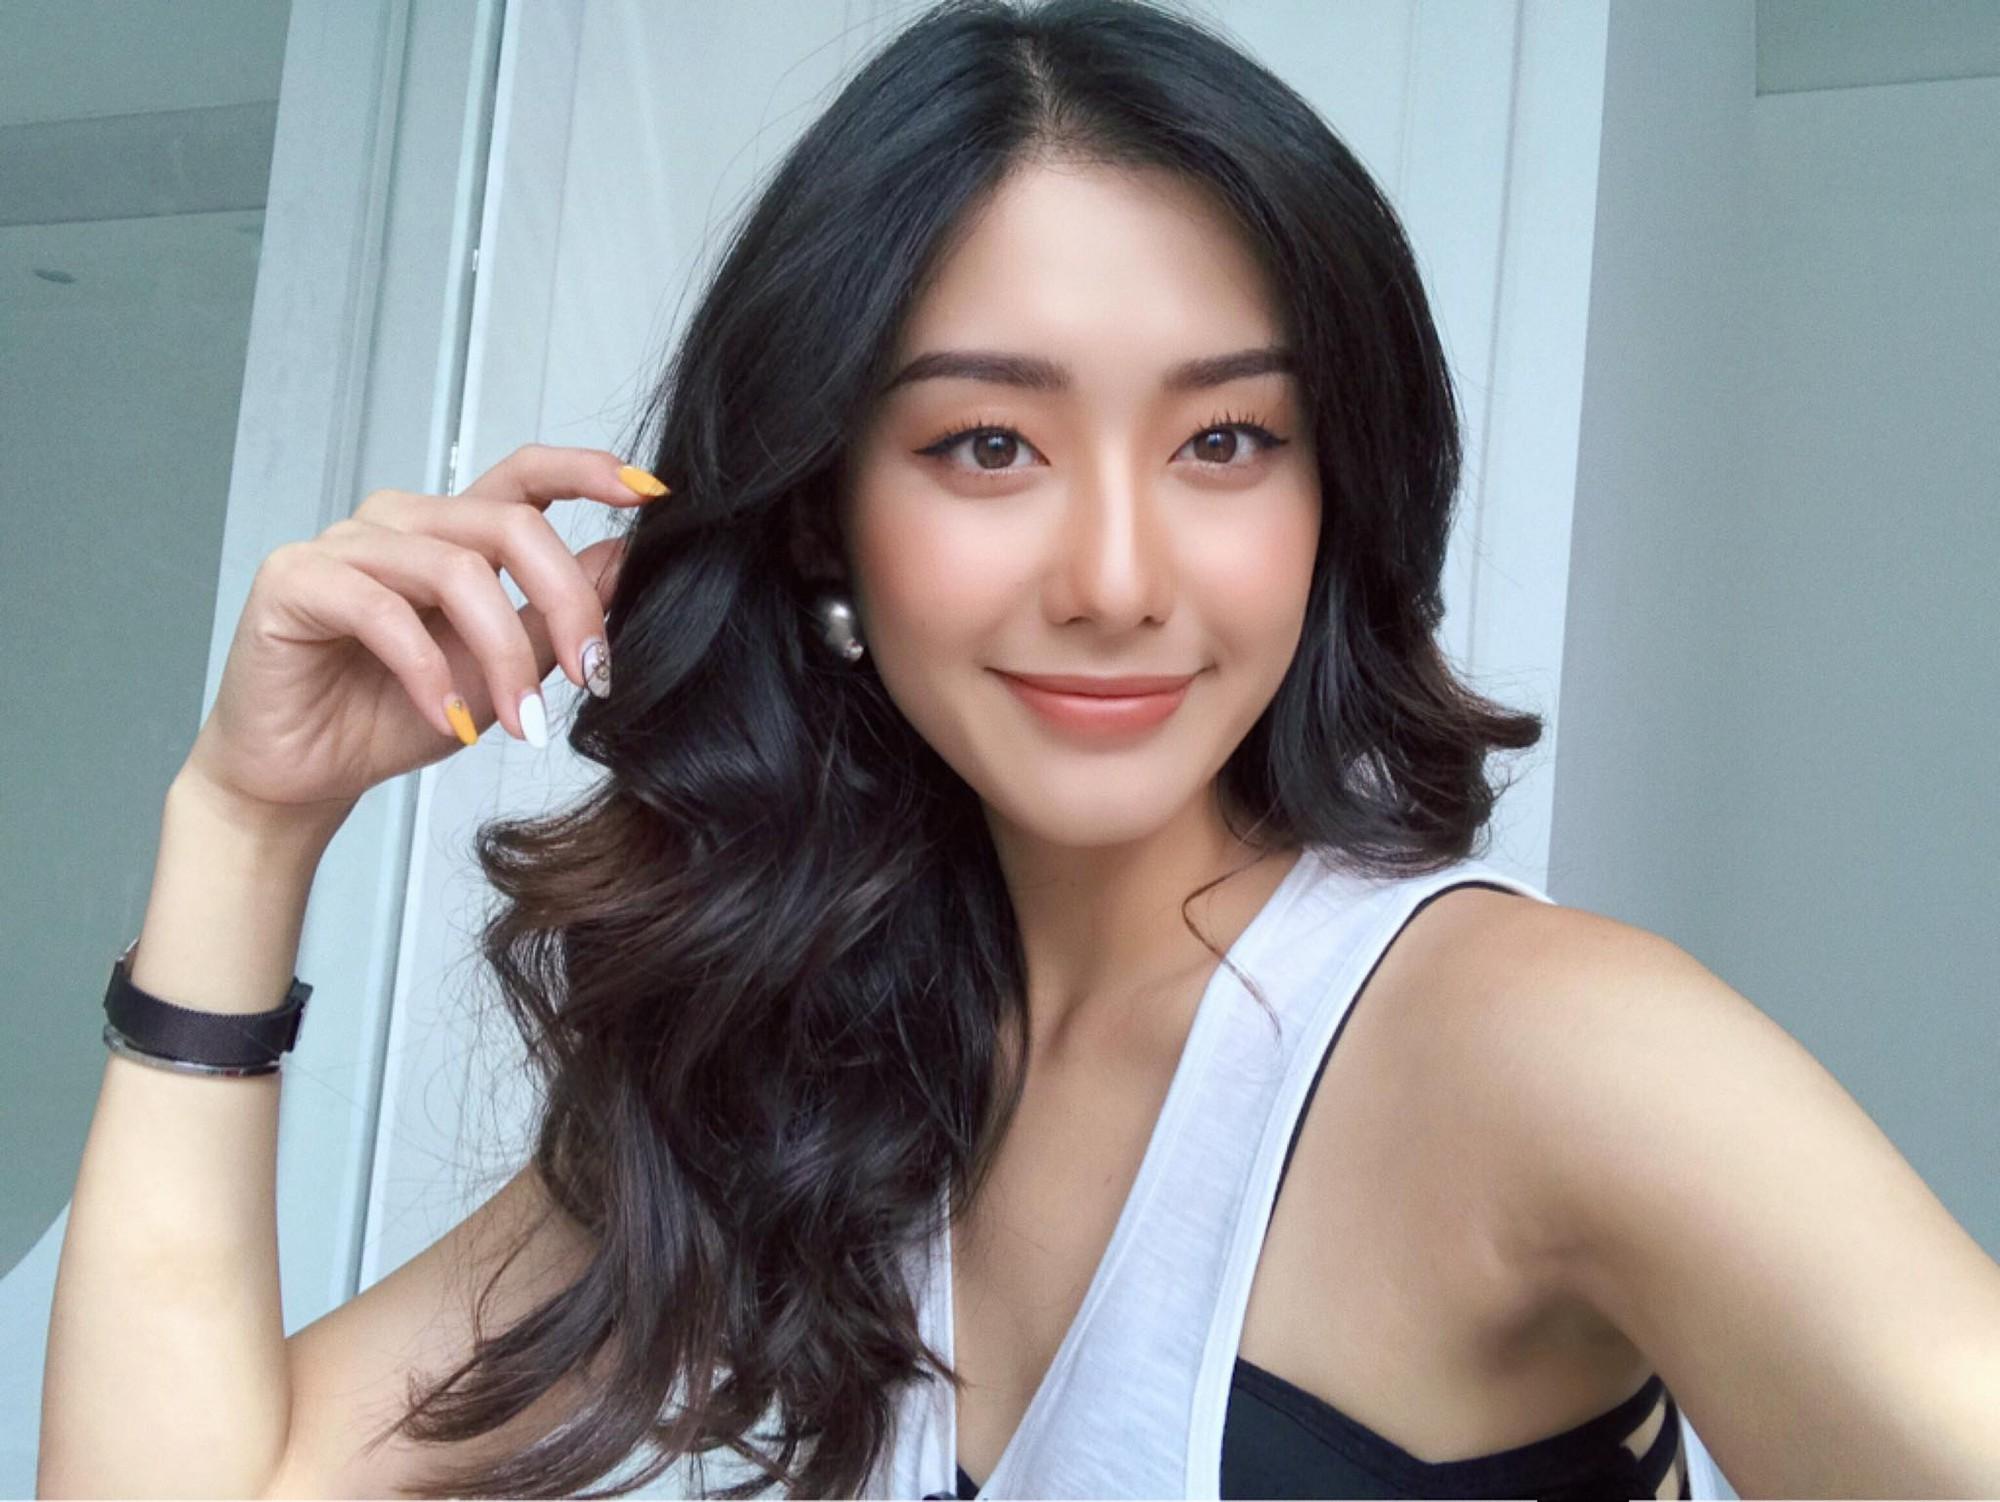 Nhan sắc cô dâu xinh đẹp, thần thái không kém gì Yoon Eun Hye trong bộ ảnh cưới cổ tích đang cực hot - Ảnh 9.